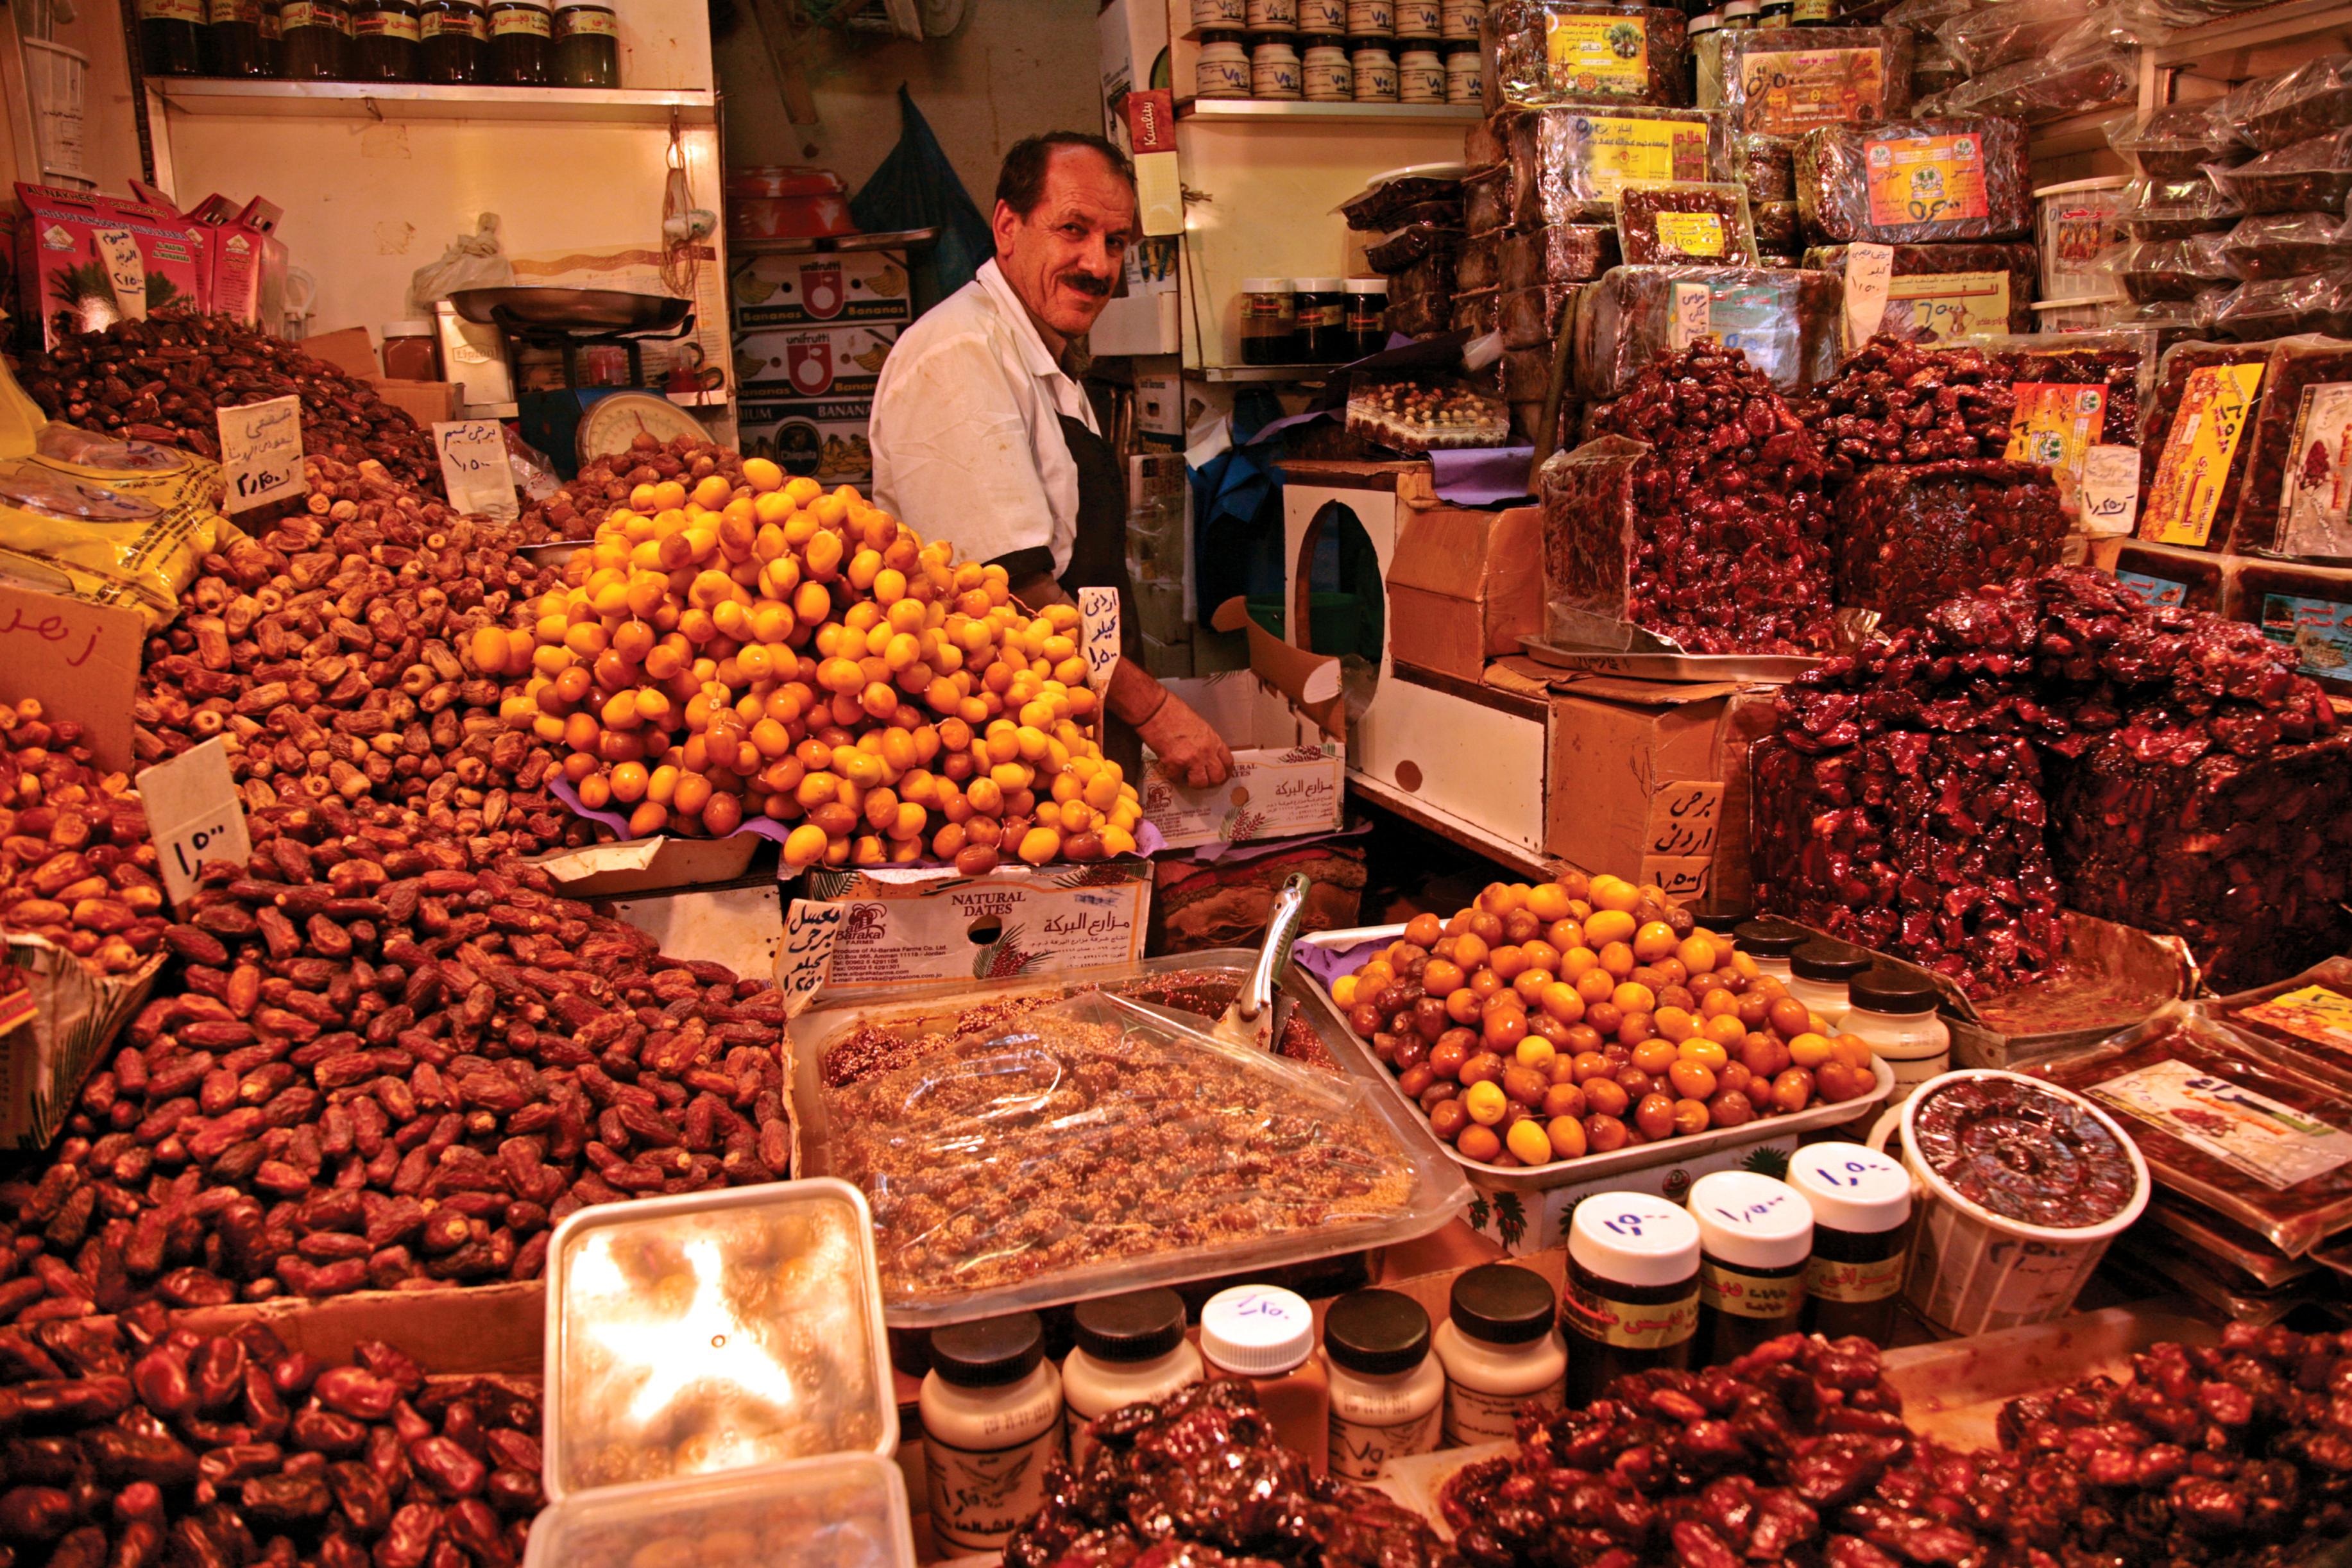 Souq Mubarakiya | Kuwait City, Kuwait Attractions - Lonely Planet